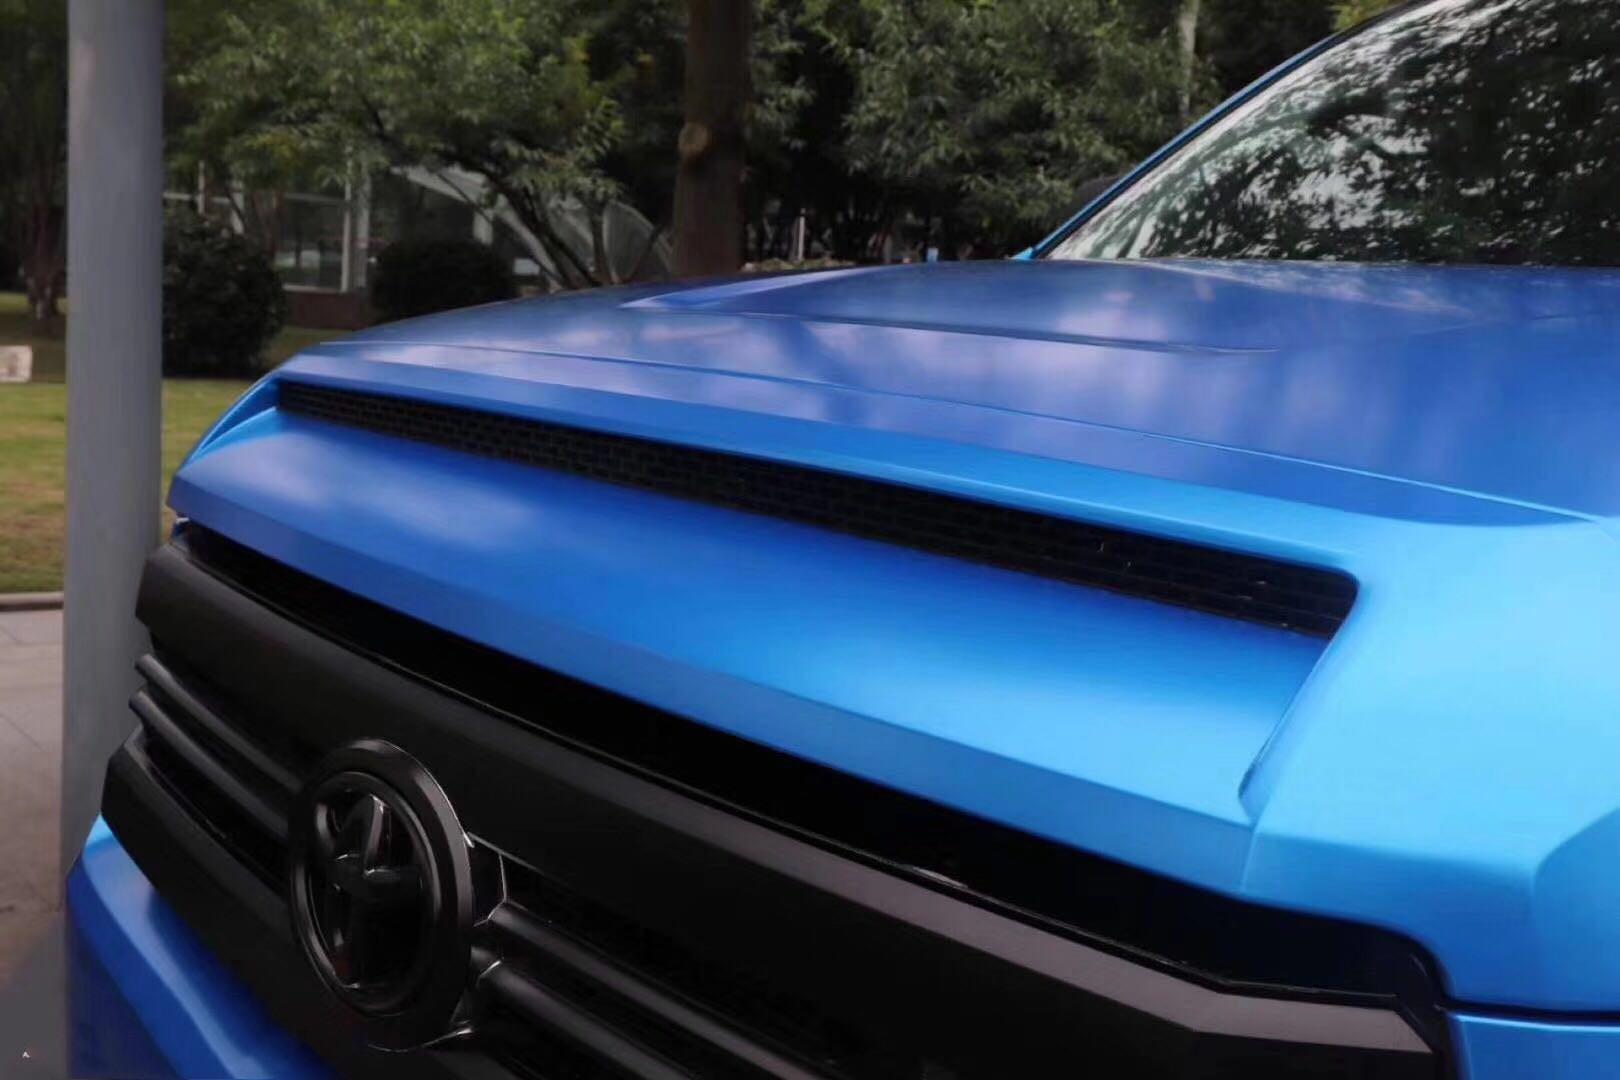 电光蓝色丰田坦途 是最霸气最拉风的